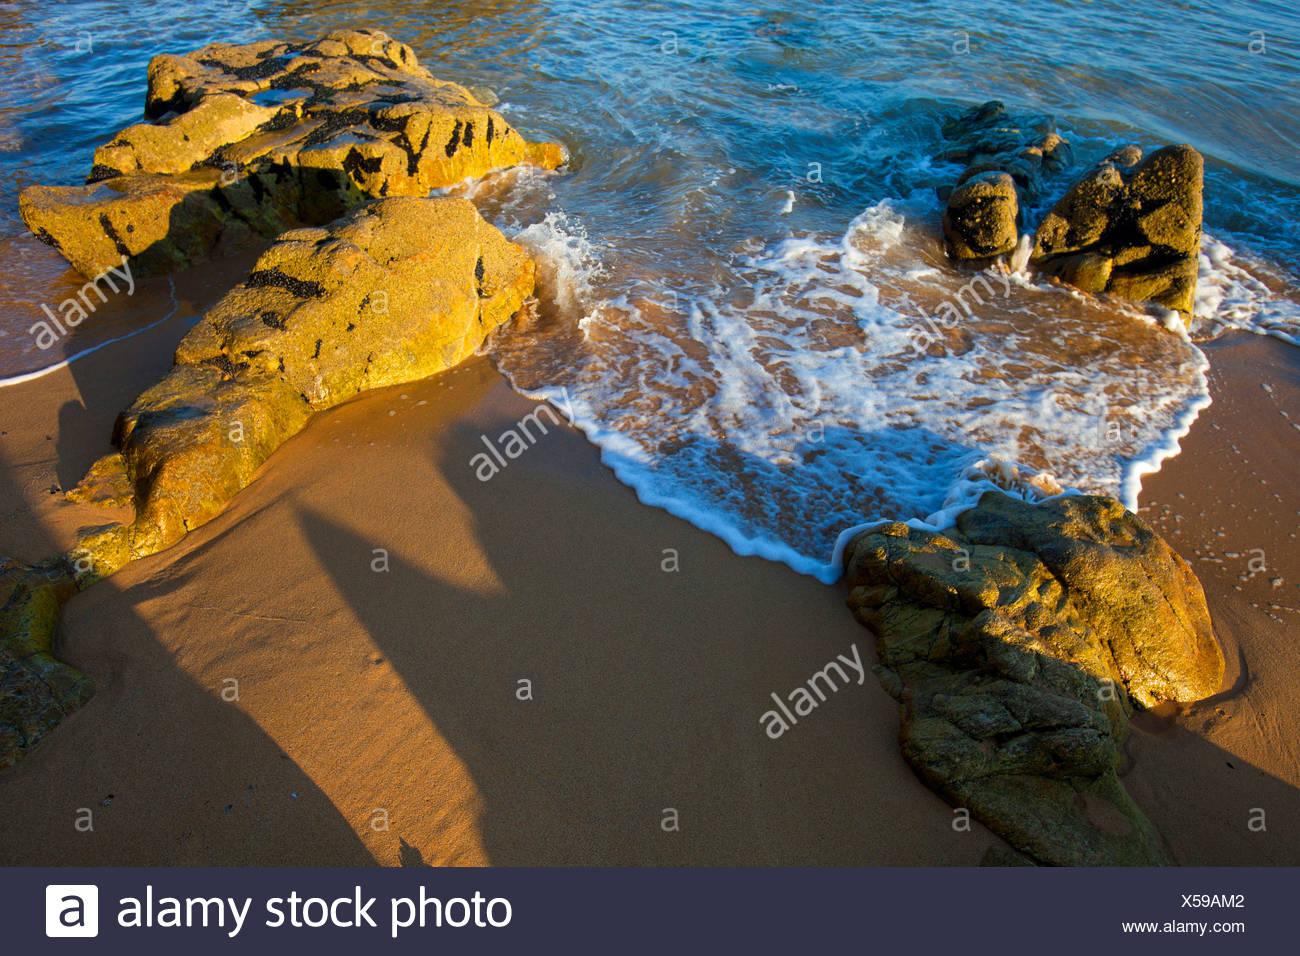 La Côte Sauvage, Francia, Europa, Bretagna, dipartimento Morbihan, costa, rock, Cliff, mare, spiaggia di sabbia Immagini Stock